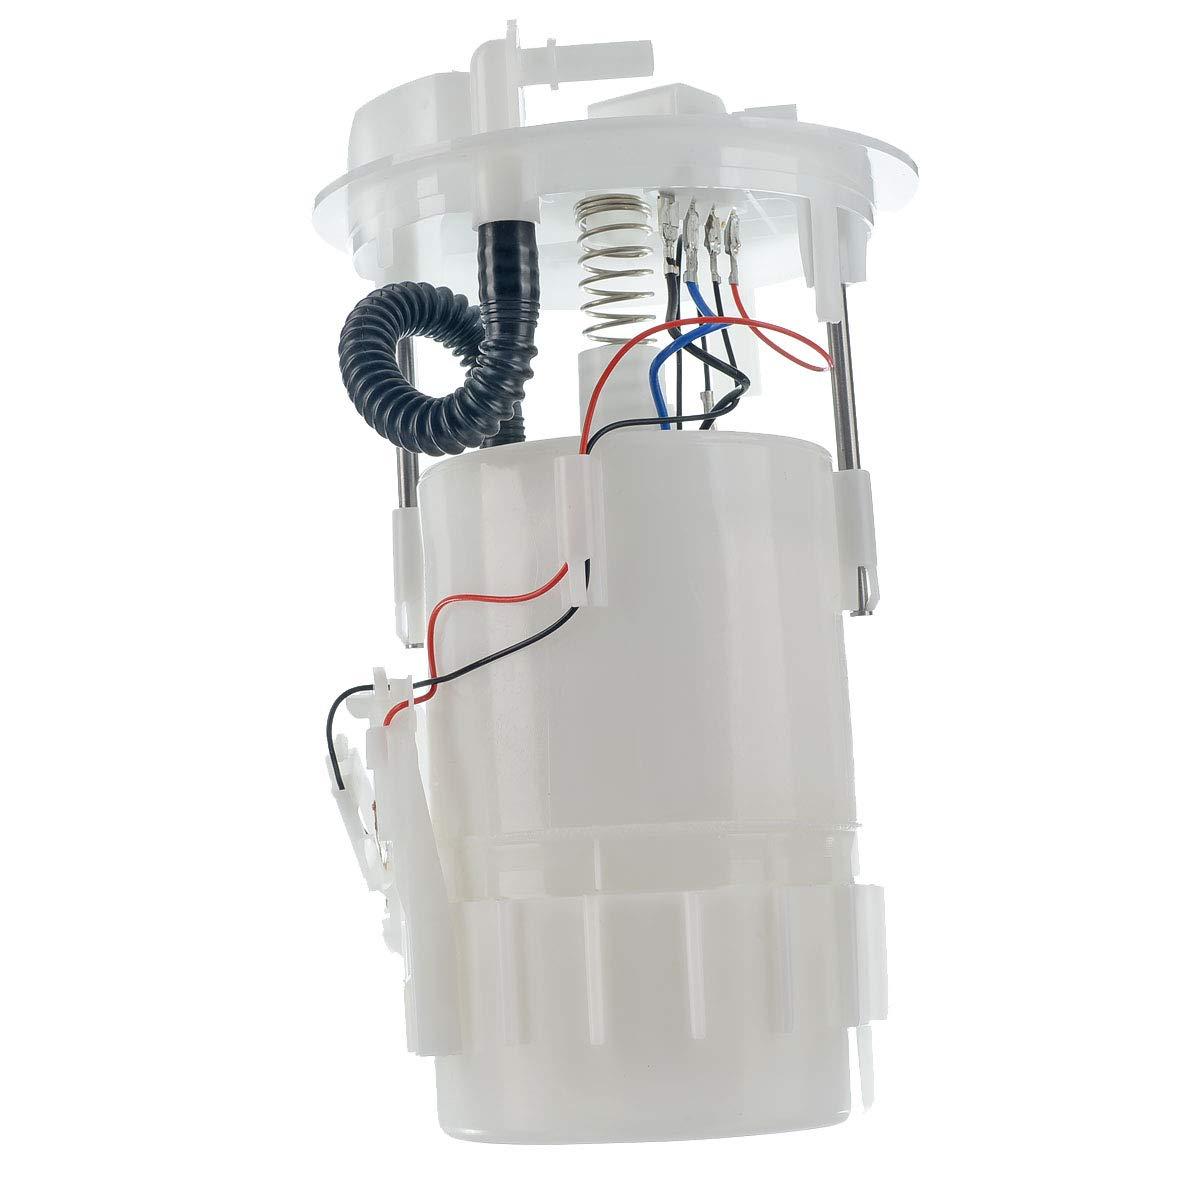 Pompa carburante per Grand Sc/énic I//II Megane I//II 1.4L 1.6L 1.8L 2.0L 2002-2009